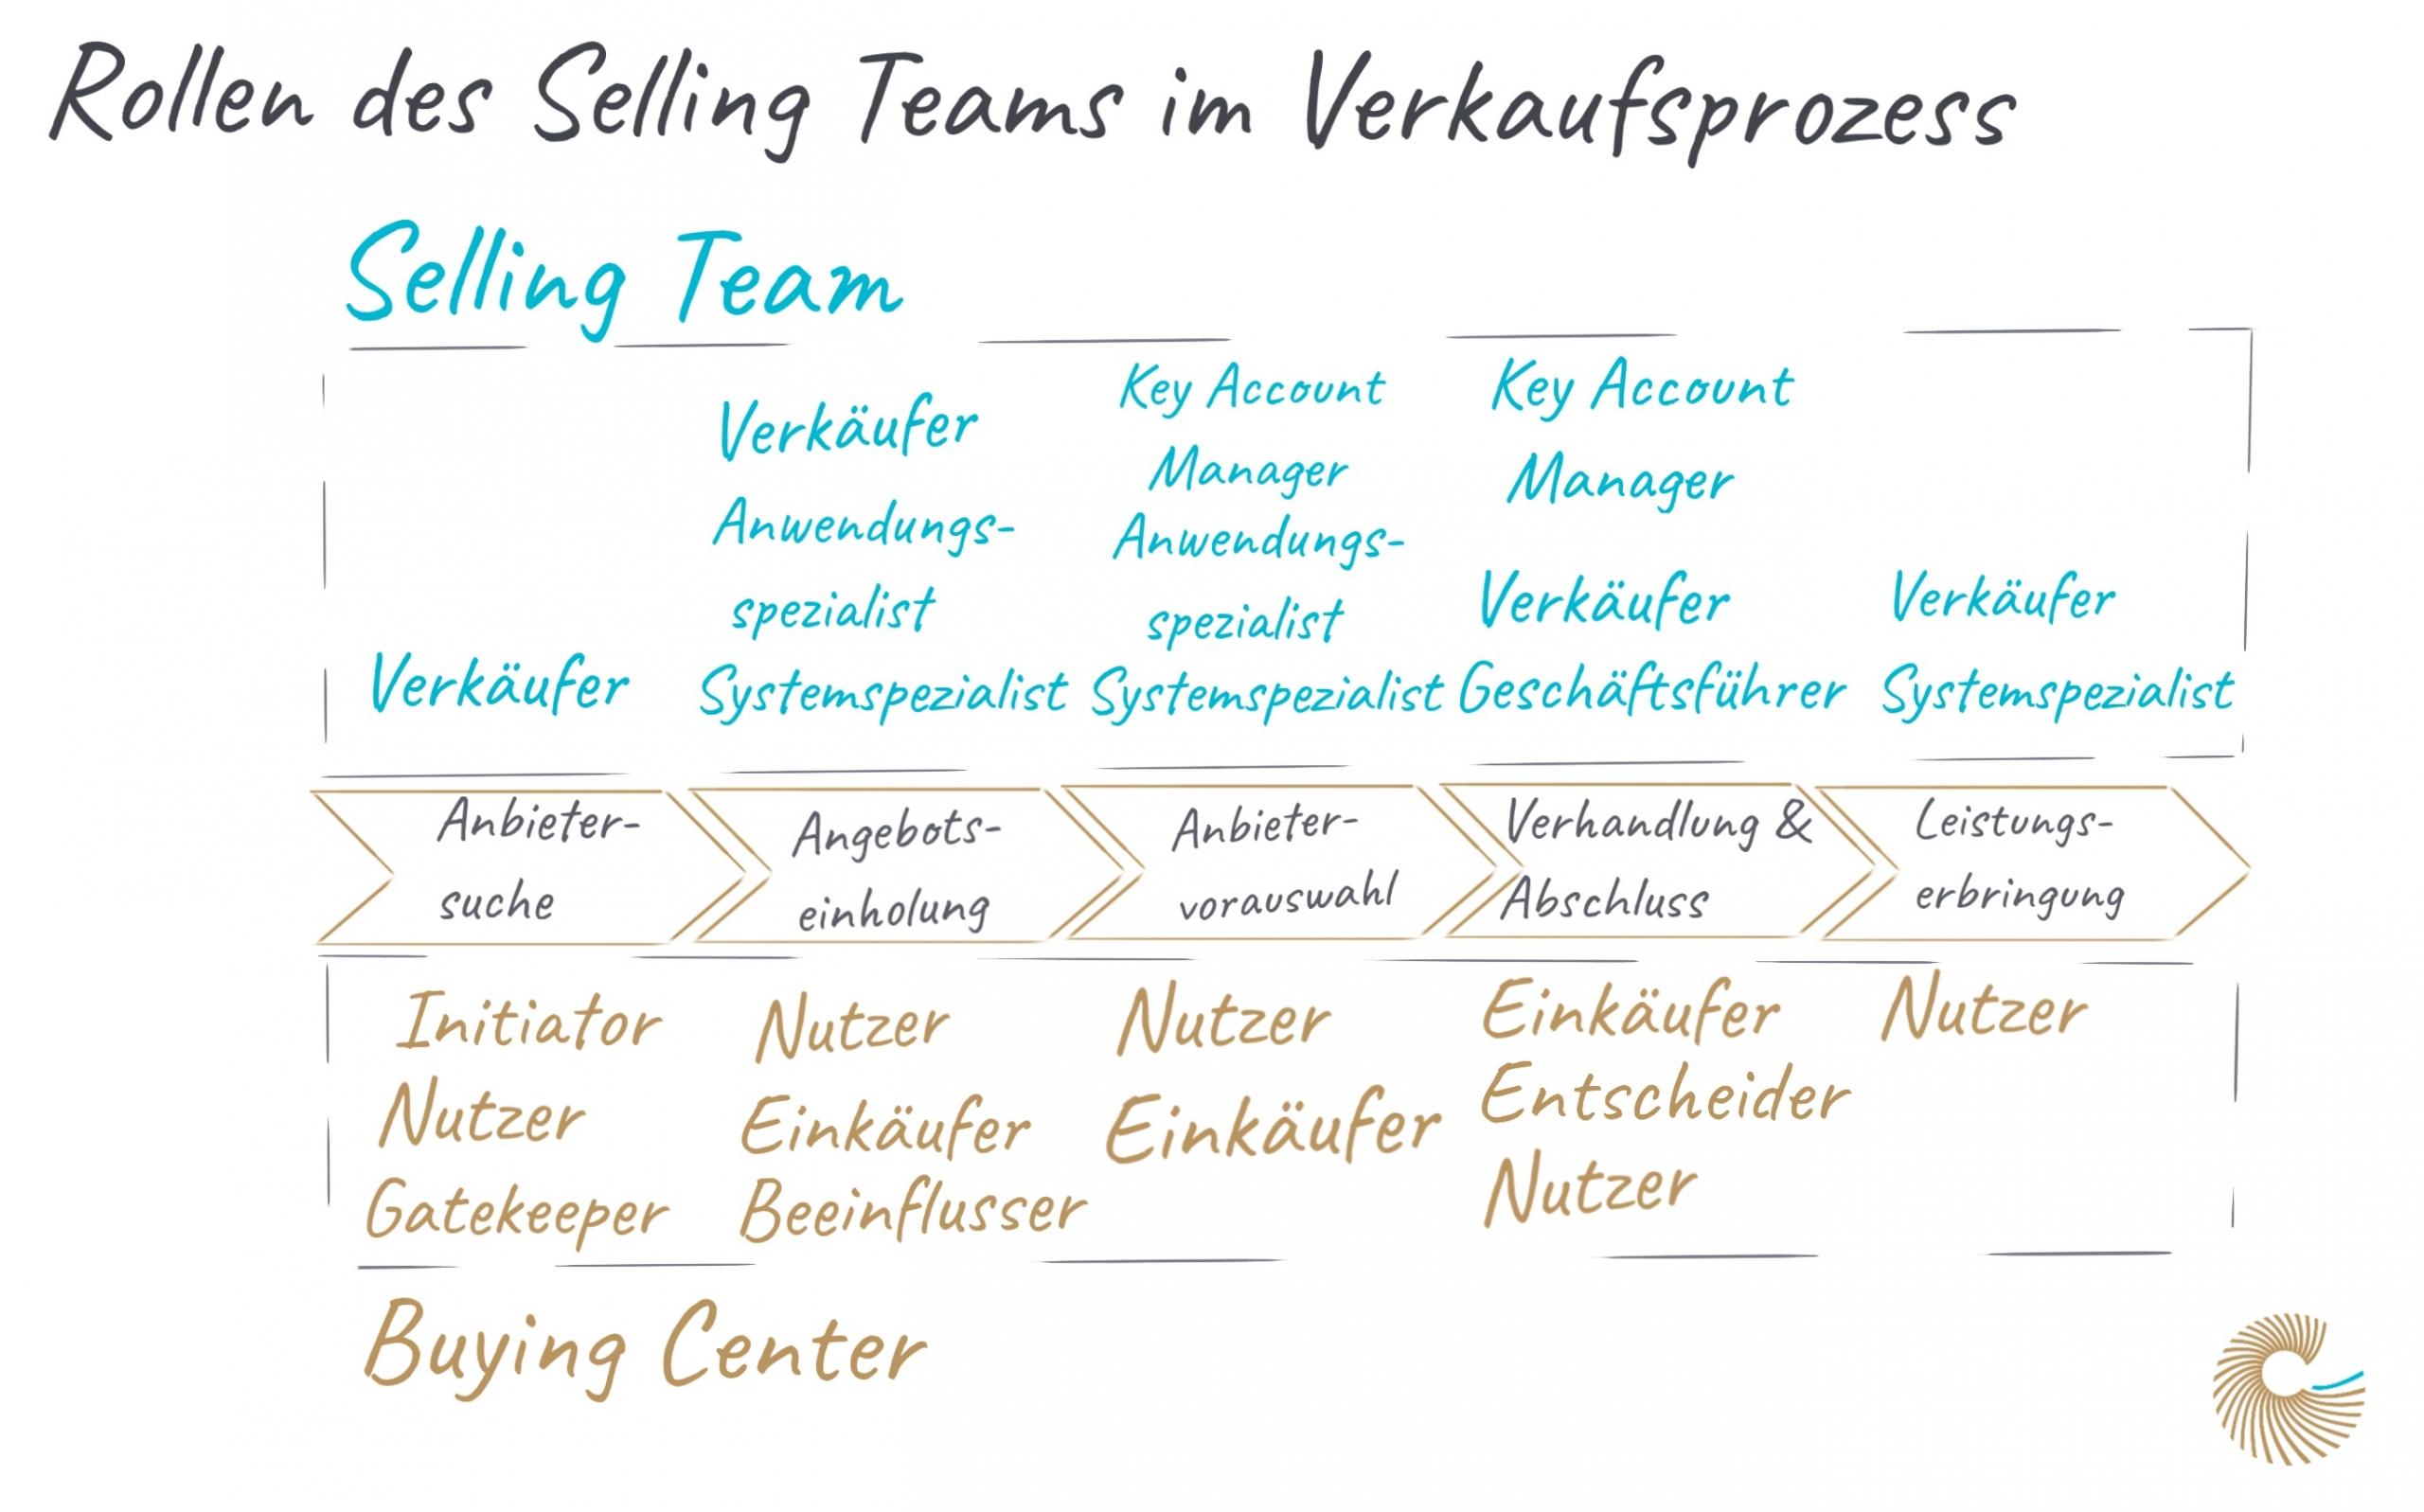 Rollen des Selling Teams